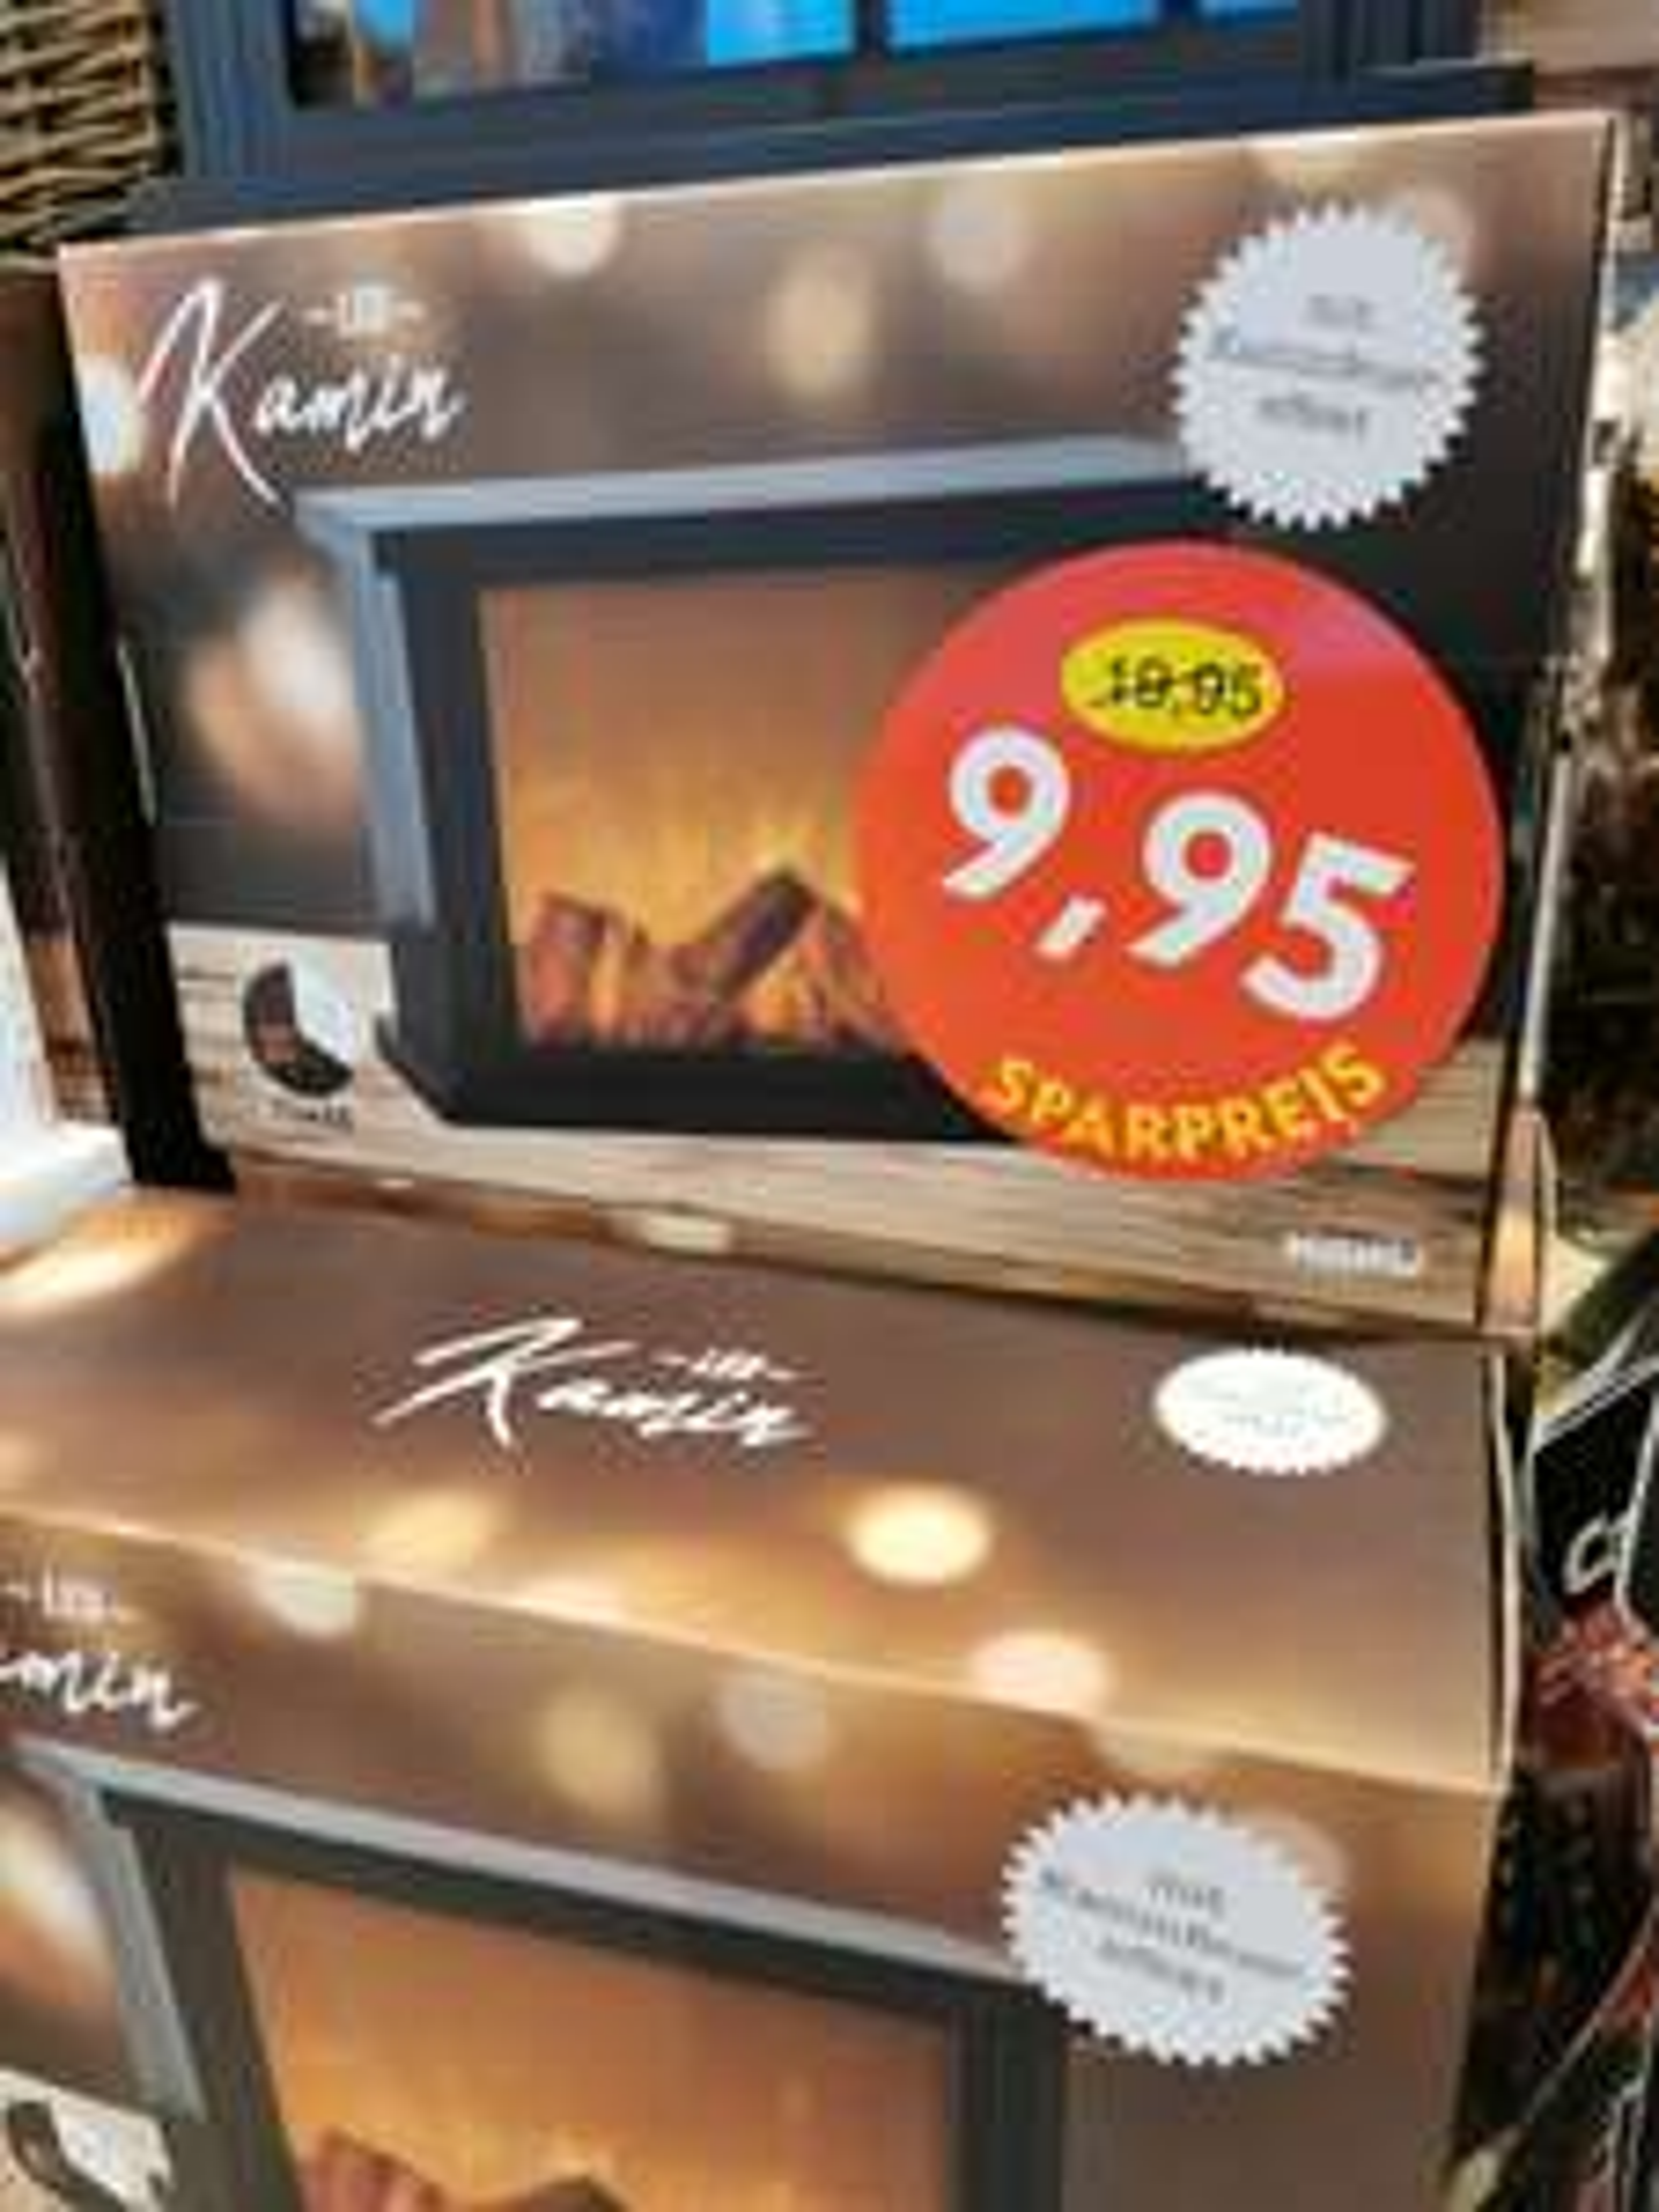 Fire it up! LED-Kamin mit Timer knapp 50% reduziert bei Nanu-Nana *deutschlandweit*